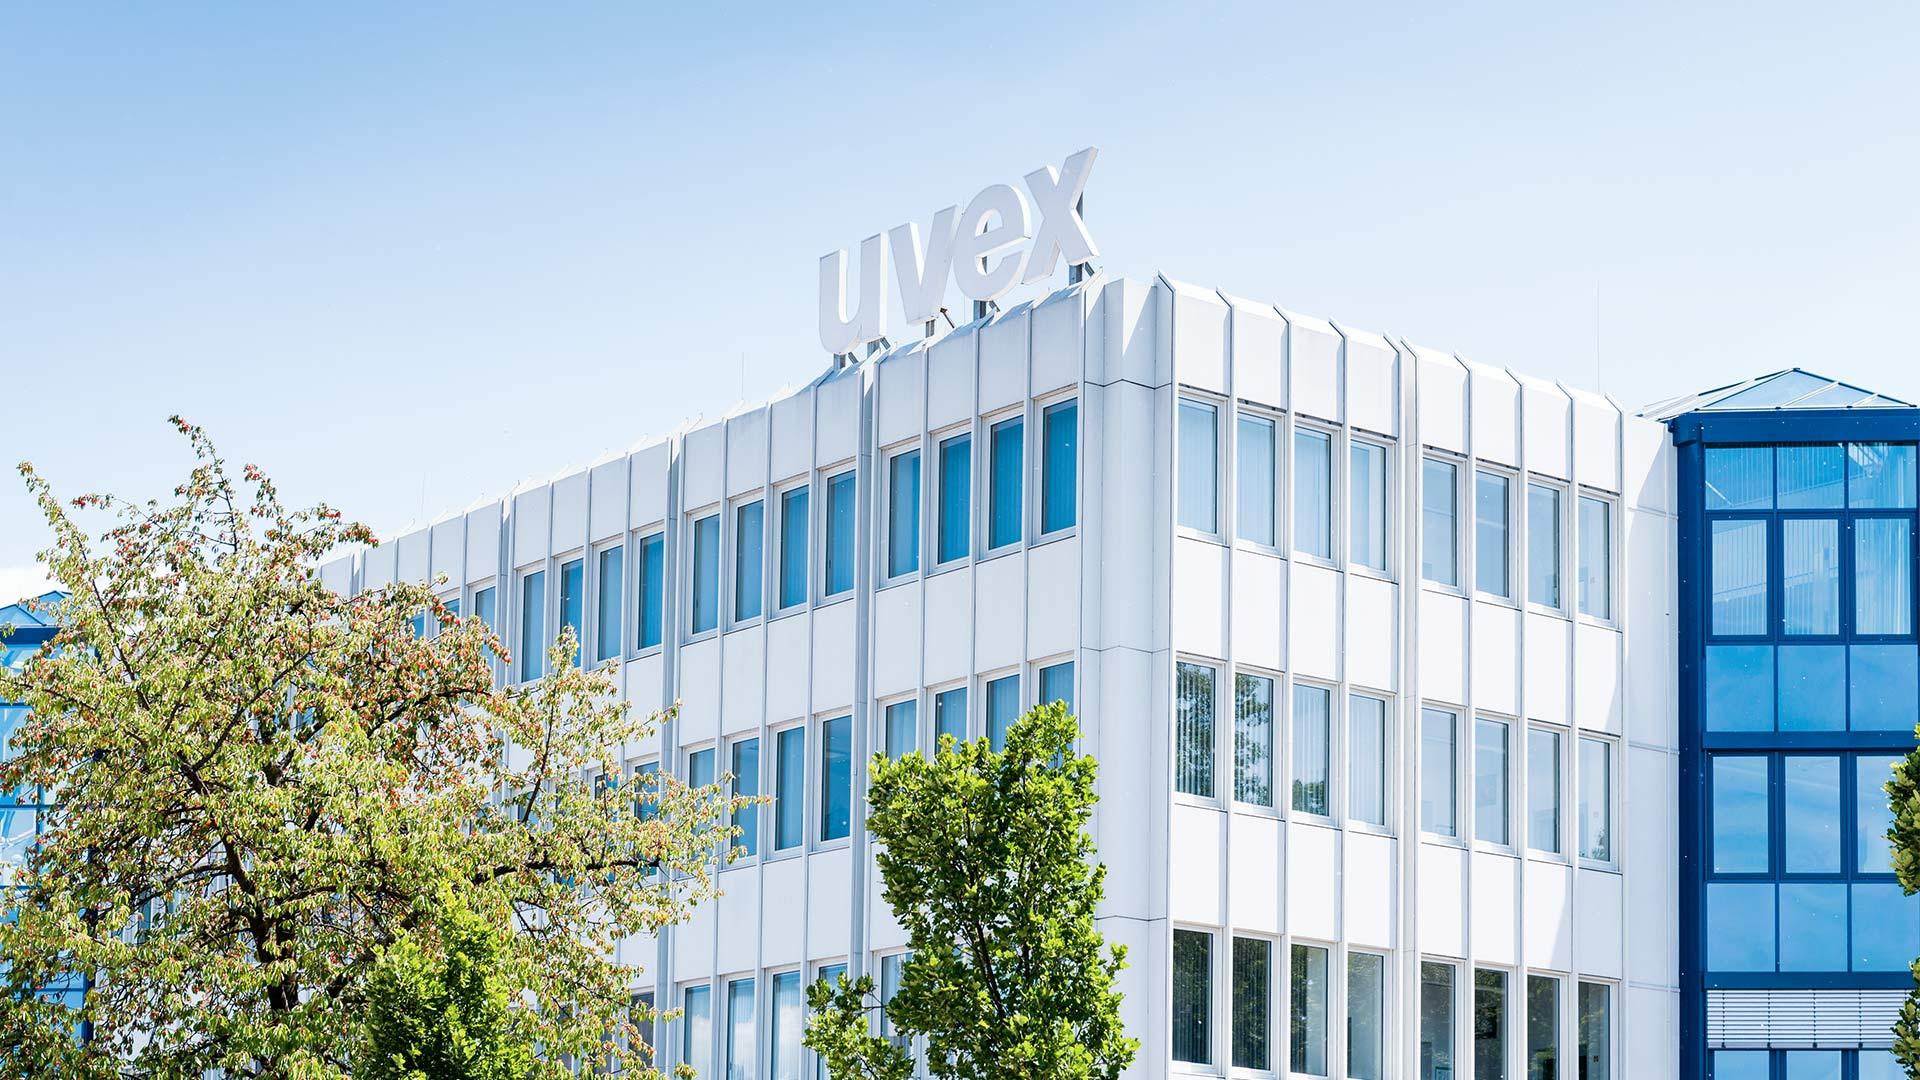 Zentrale der uvex group